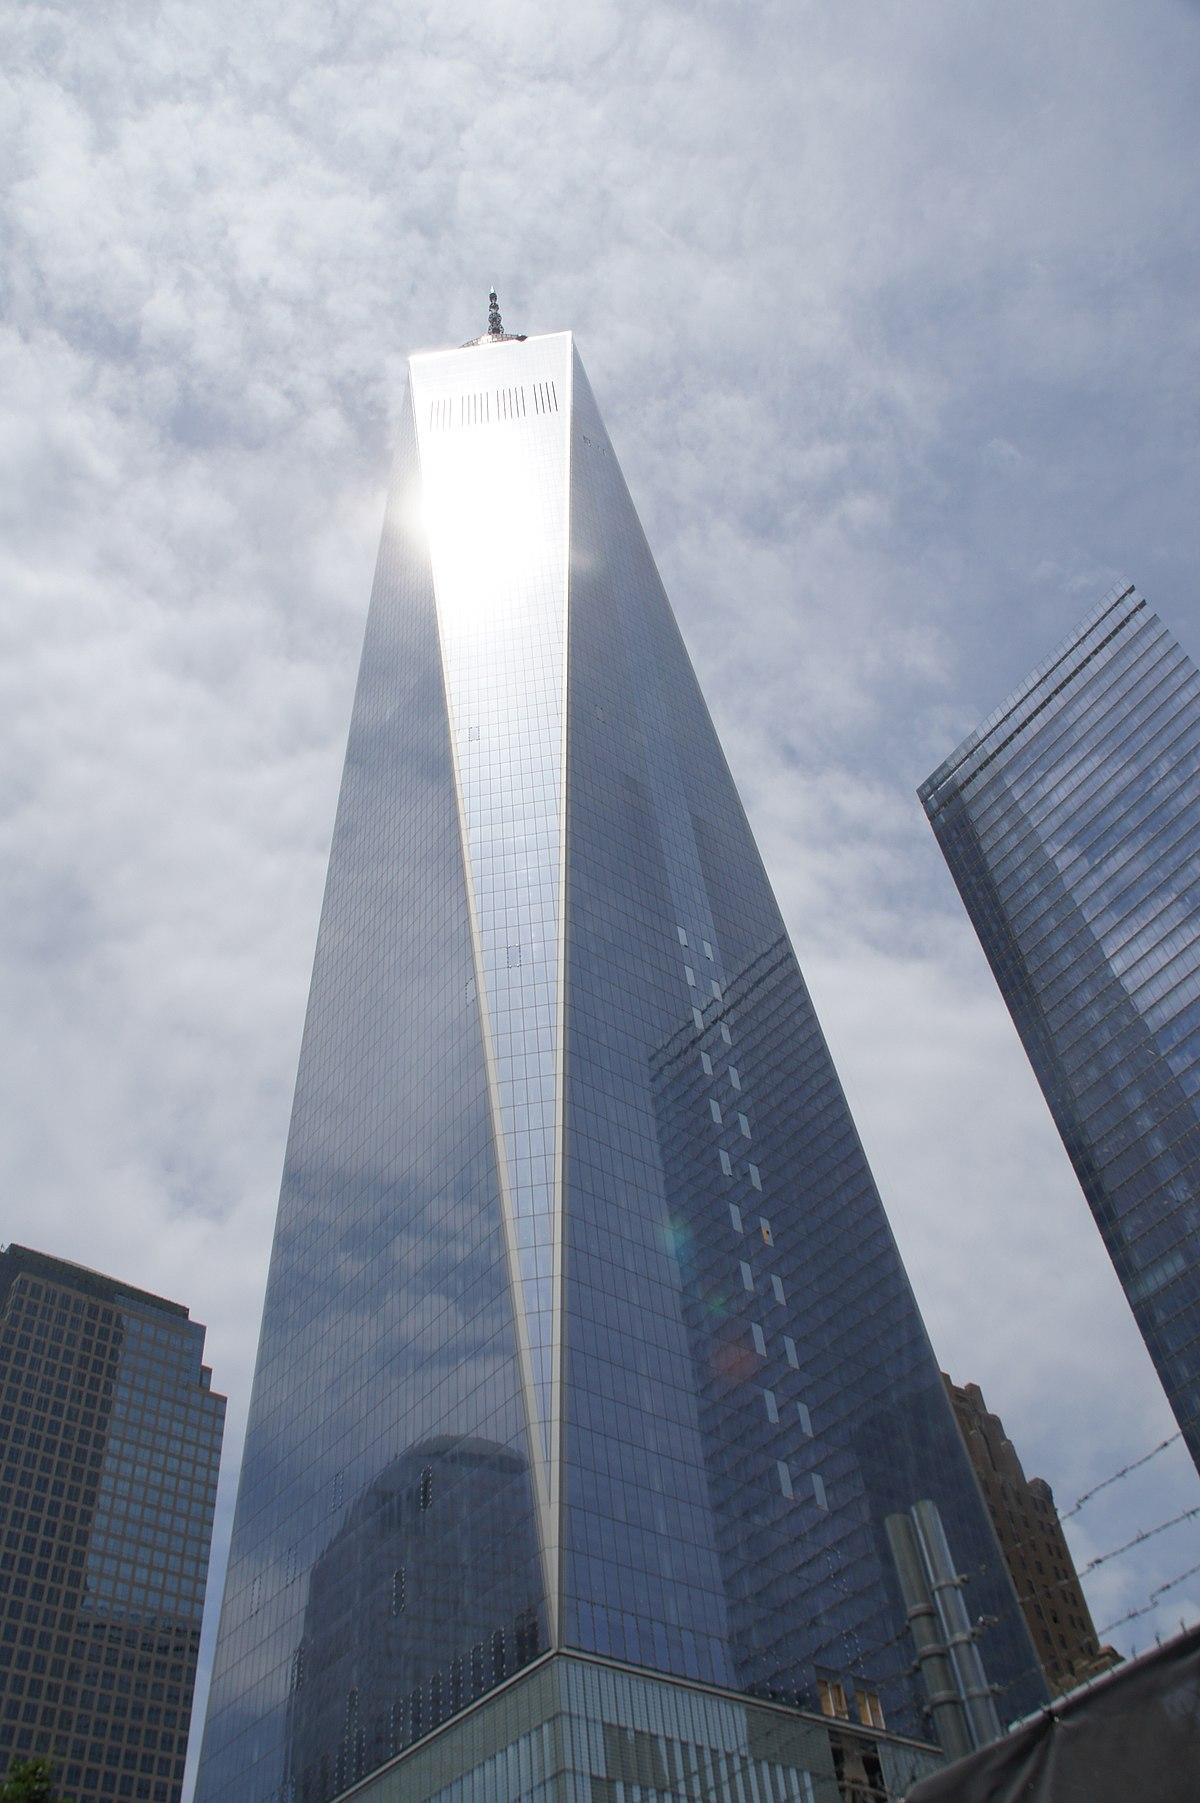 File:Freedom Tower, NY.jpg - Wikimedia Commons